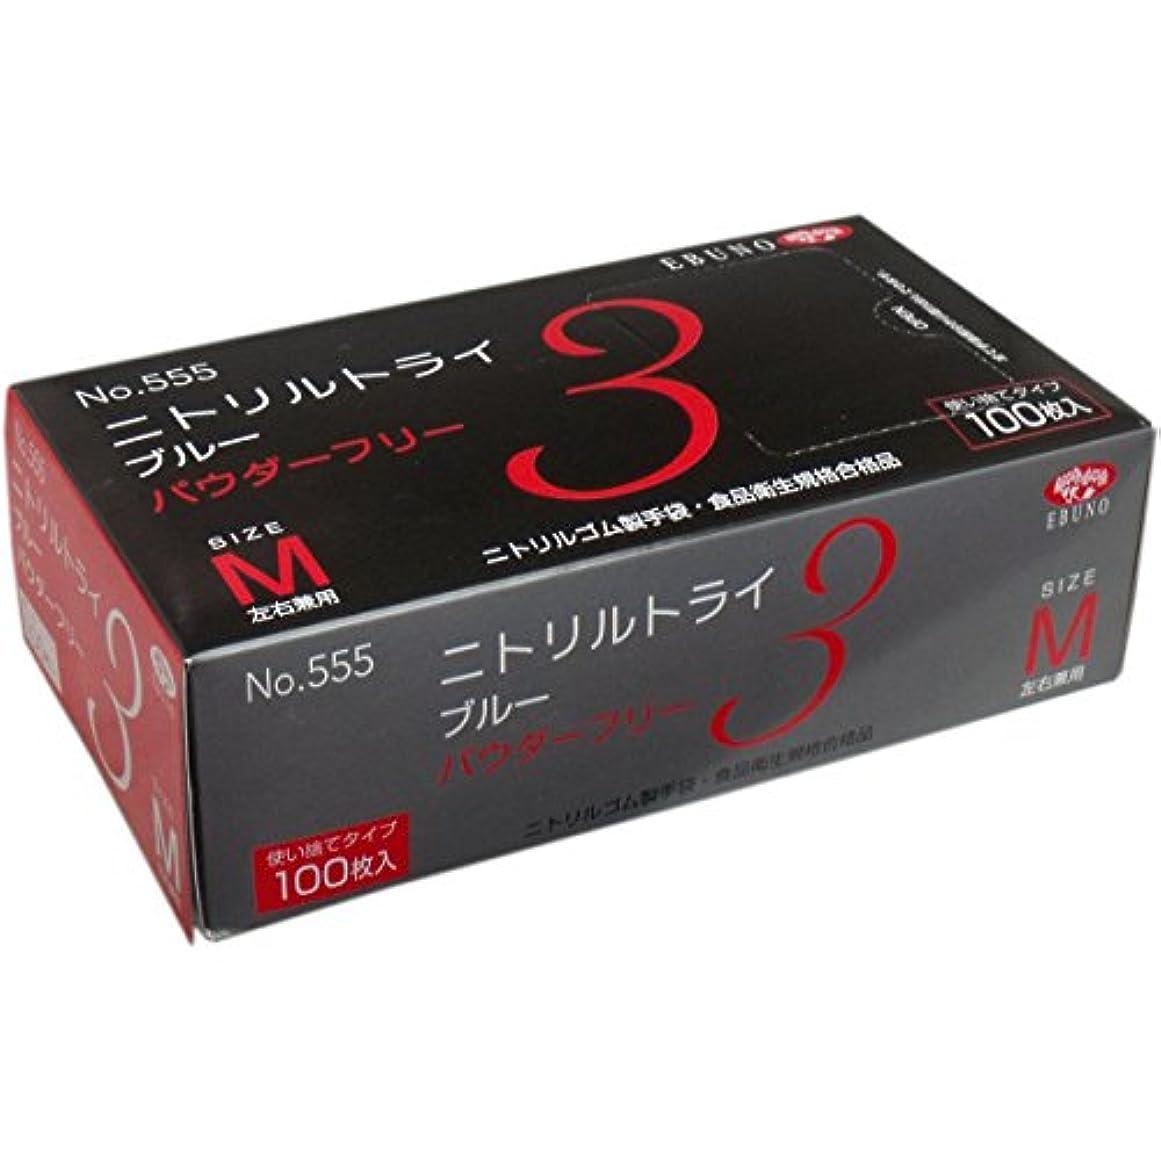 そばにせせらぎ再開ニトリルトライ3 手袋 ブルー パウダーフリー Mサイズ 100枚入(単品)